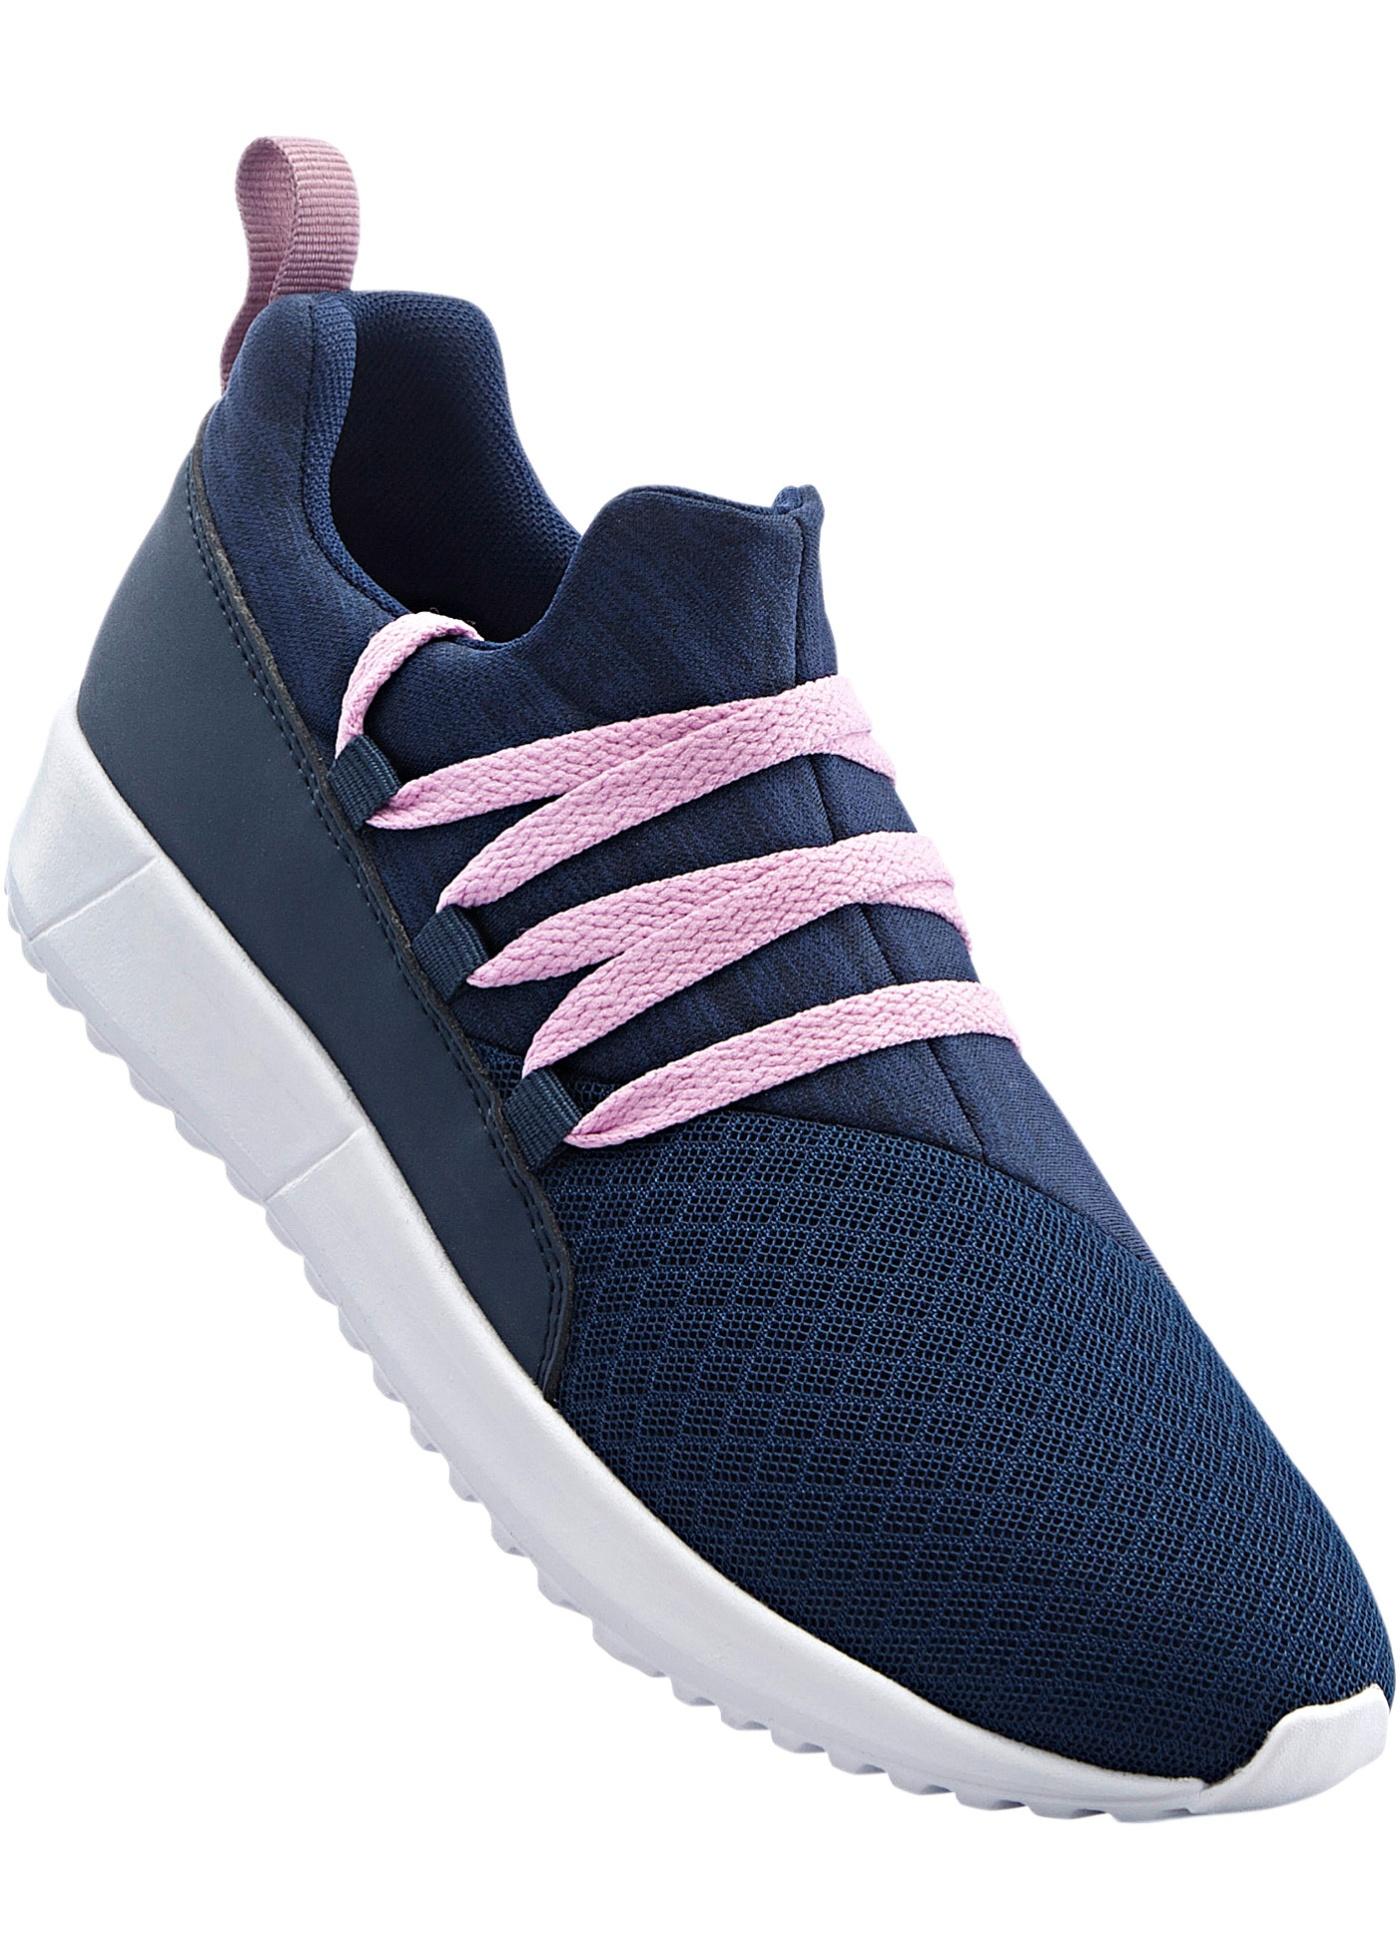 Sneakers avec laçage original, semelle extérieure légère, dessus souple.